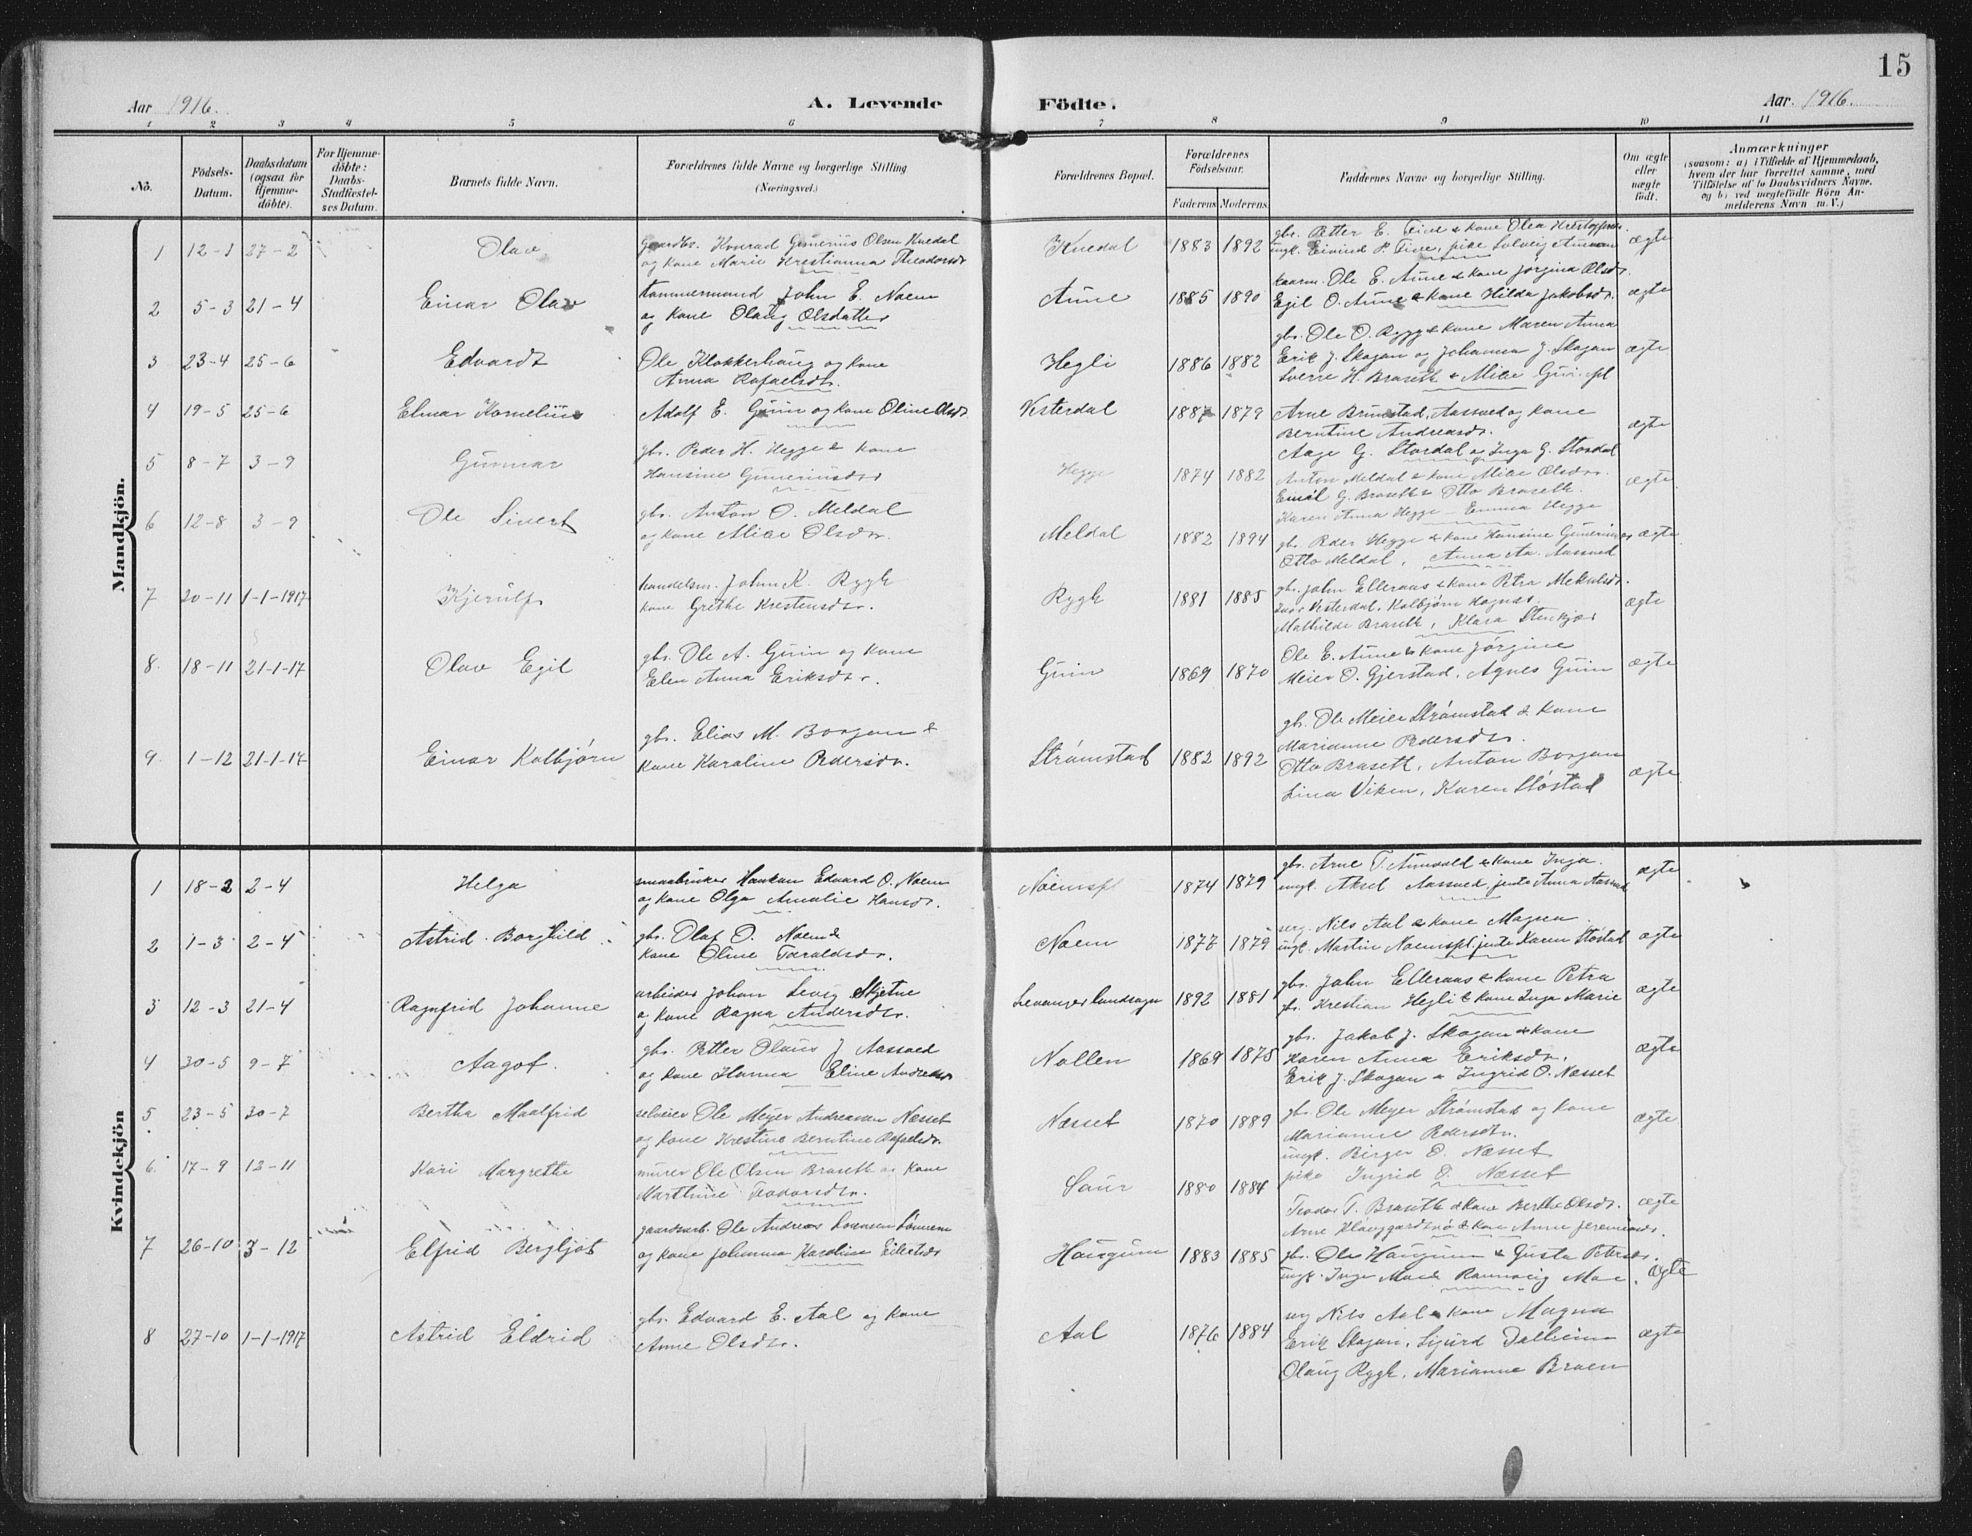 SAT, Ministerialprotokoller, klokkerbøker og fødselsregistre - Nord-Trøndelag, 747/L0460: Klokkerbok nr. 747C02, 1908-1939, s. 15